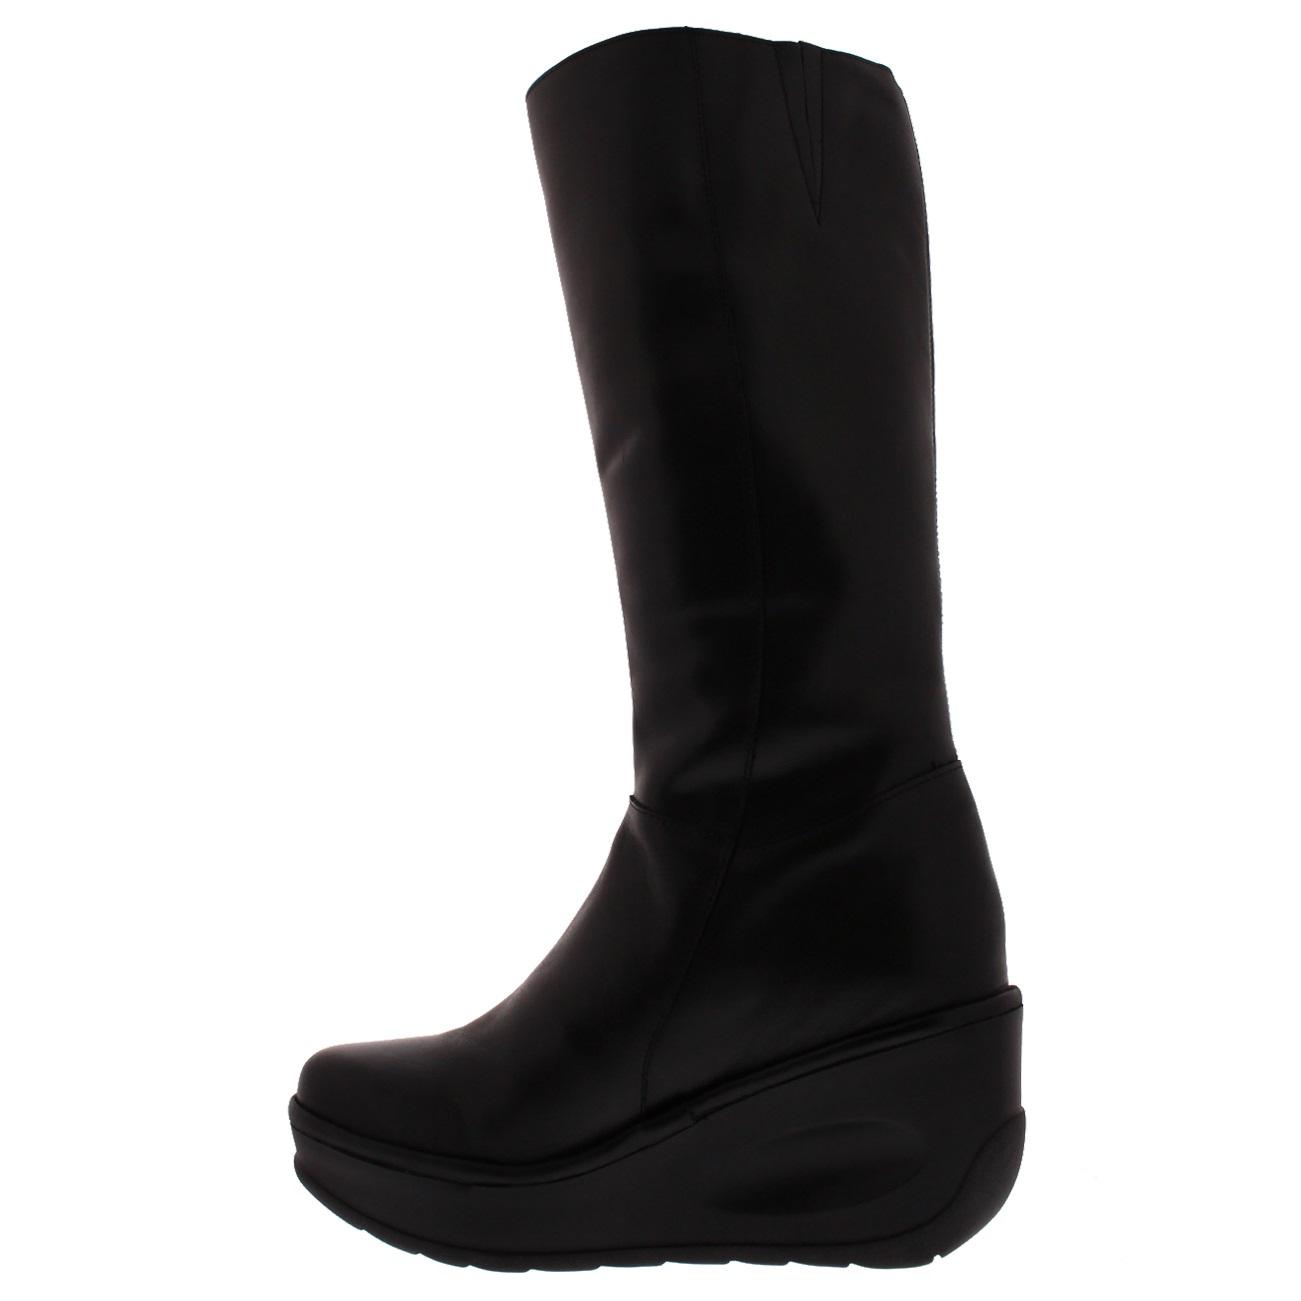 Damen Fly London Jate Leder Winter Winter Leder Mode Keilabsatz Knie Hoch Stiefel EU 36-43 d3f5f2